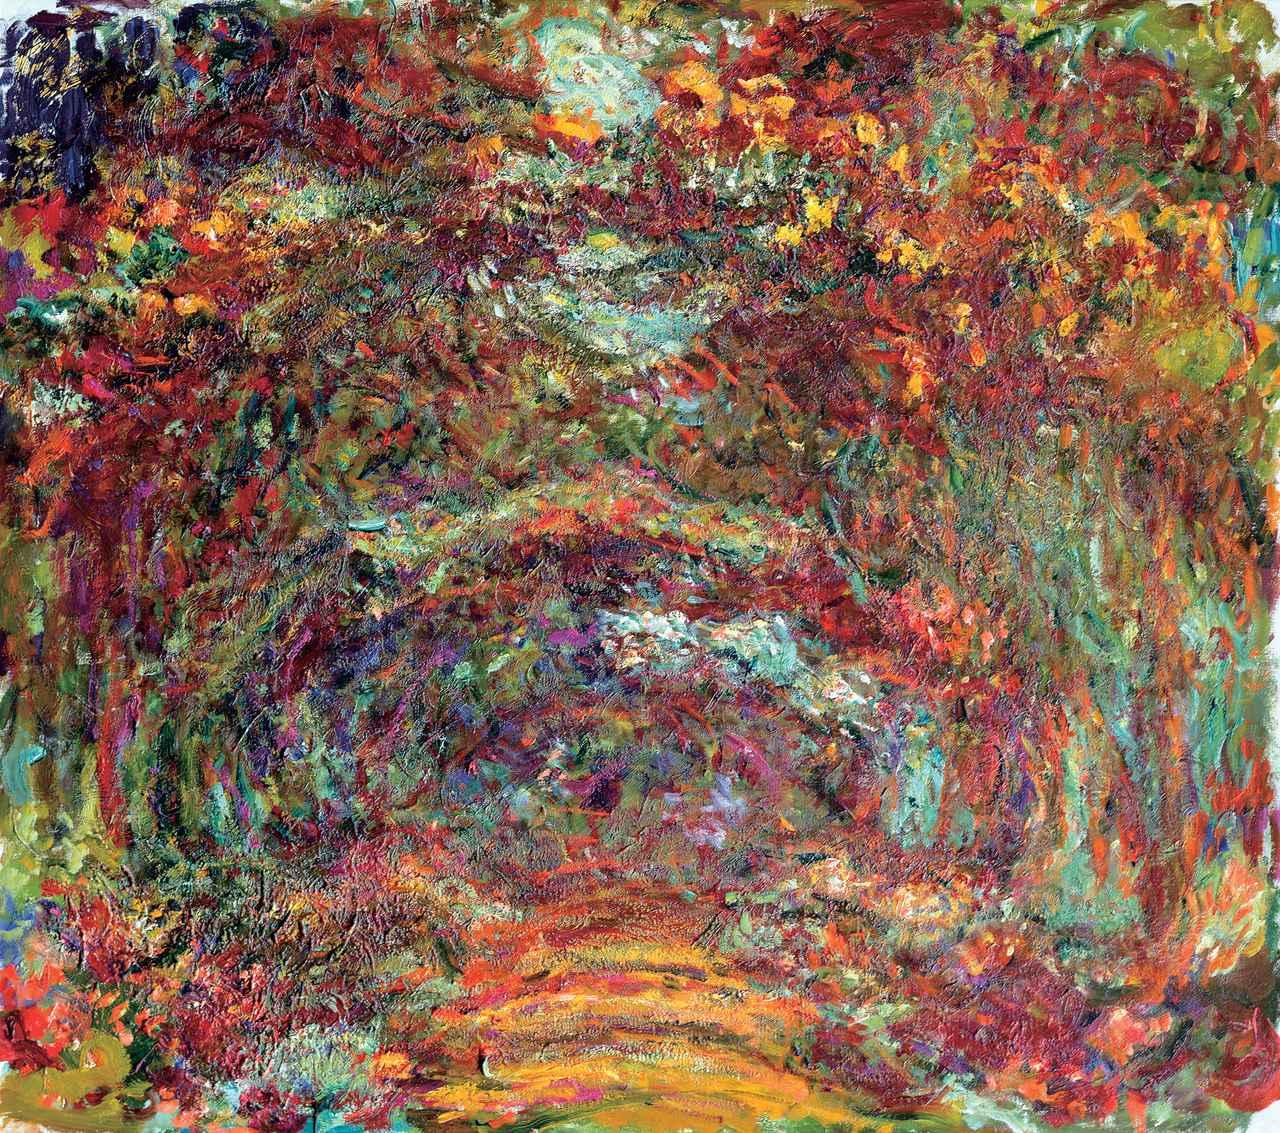 画像: クロード・モネ 《バラの小道、ジヴェルニー》 1920-22年 Musée Marmottan Monet, Paris © Bridgeman-Giraudon